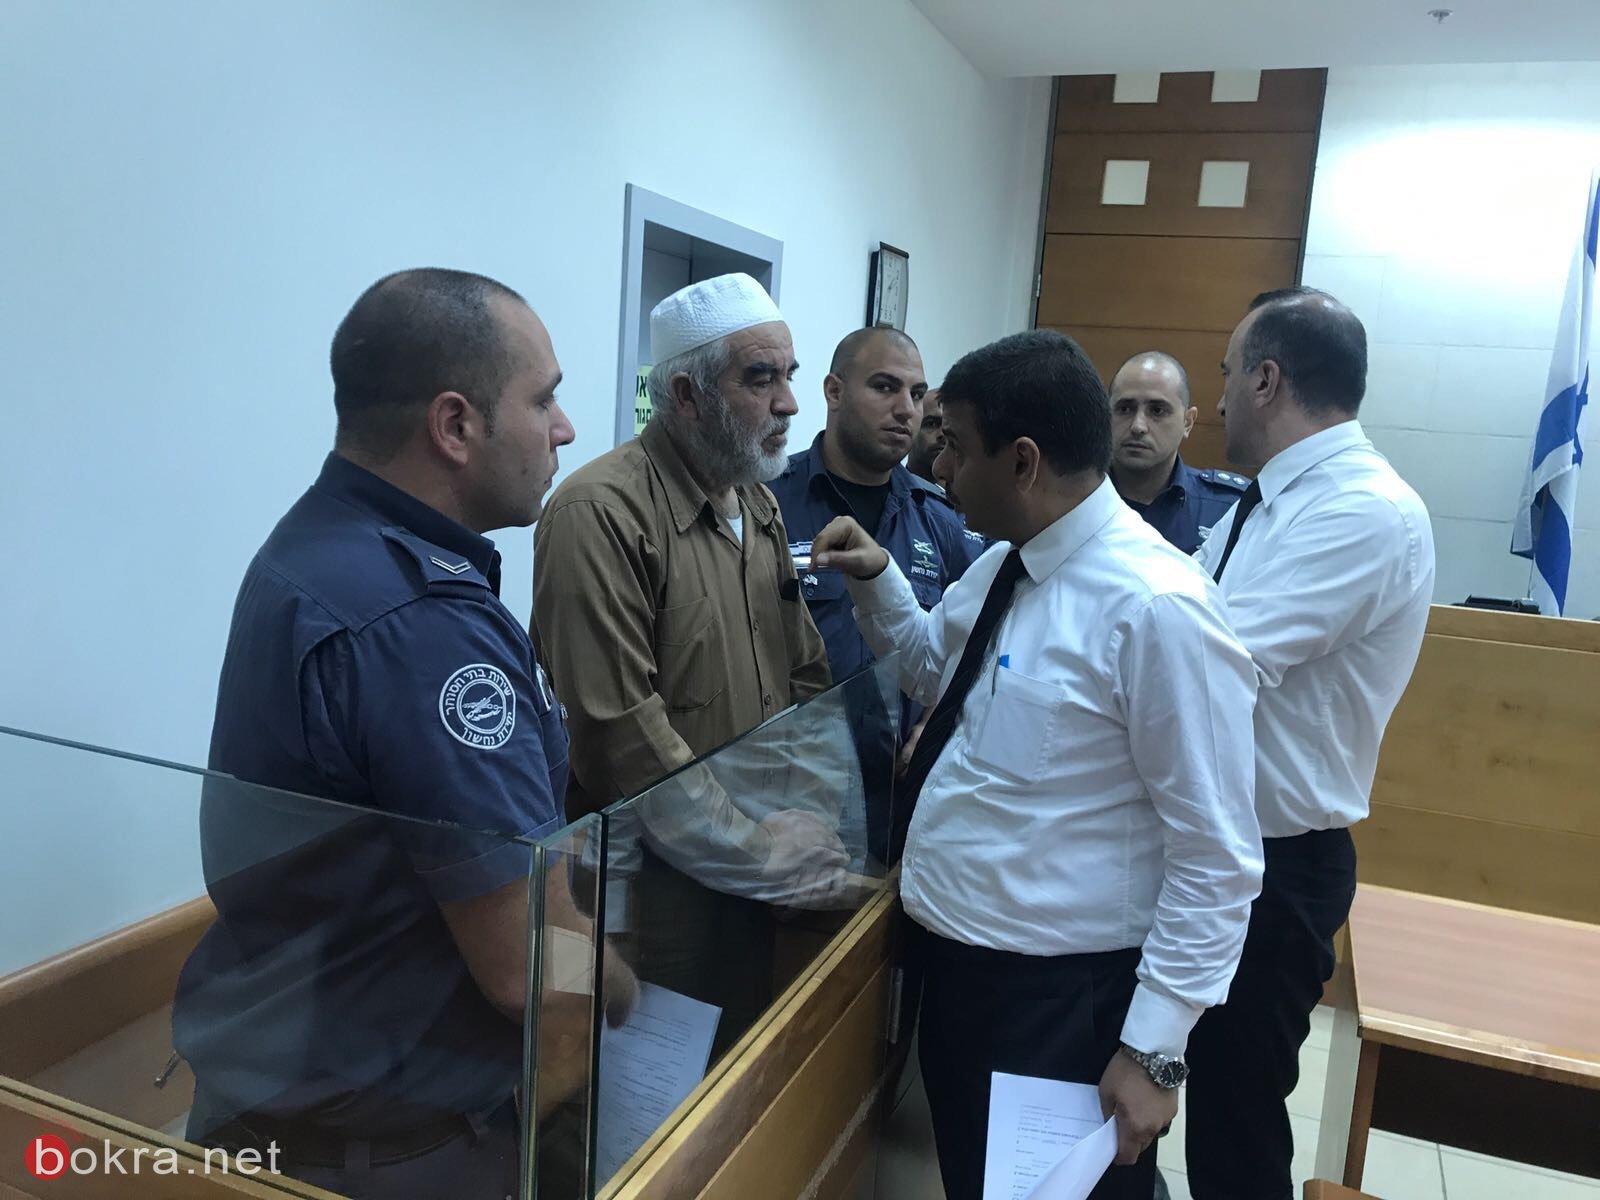 المحكمة تمدد اعتقال الشيخ رائد صلاح ليوم الخميس 17.8 المقبل